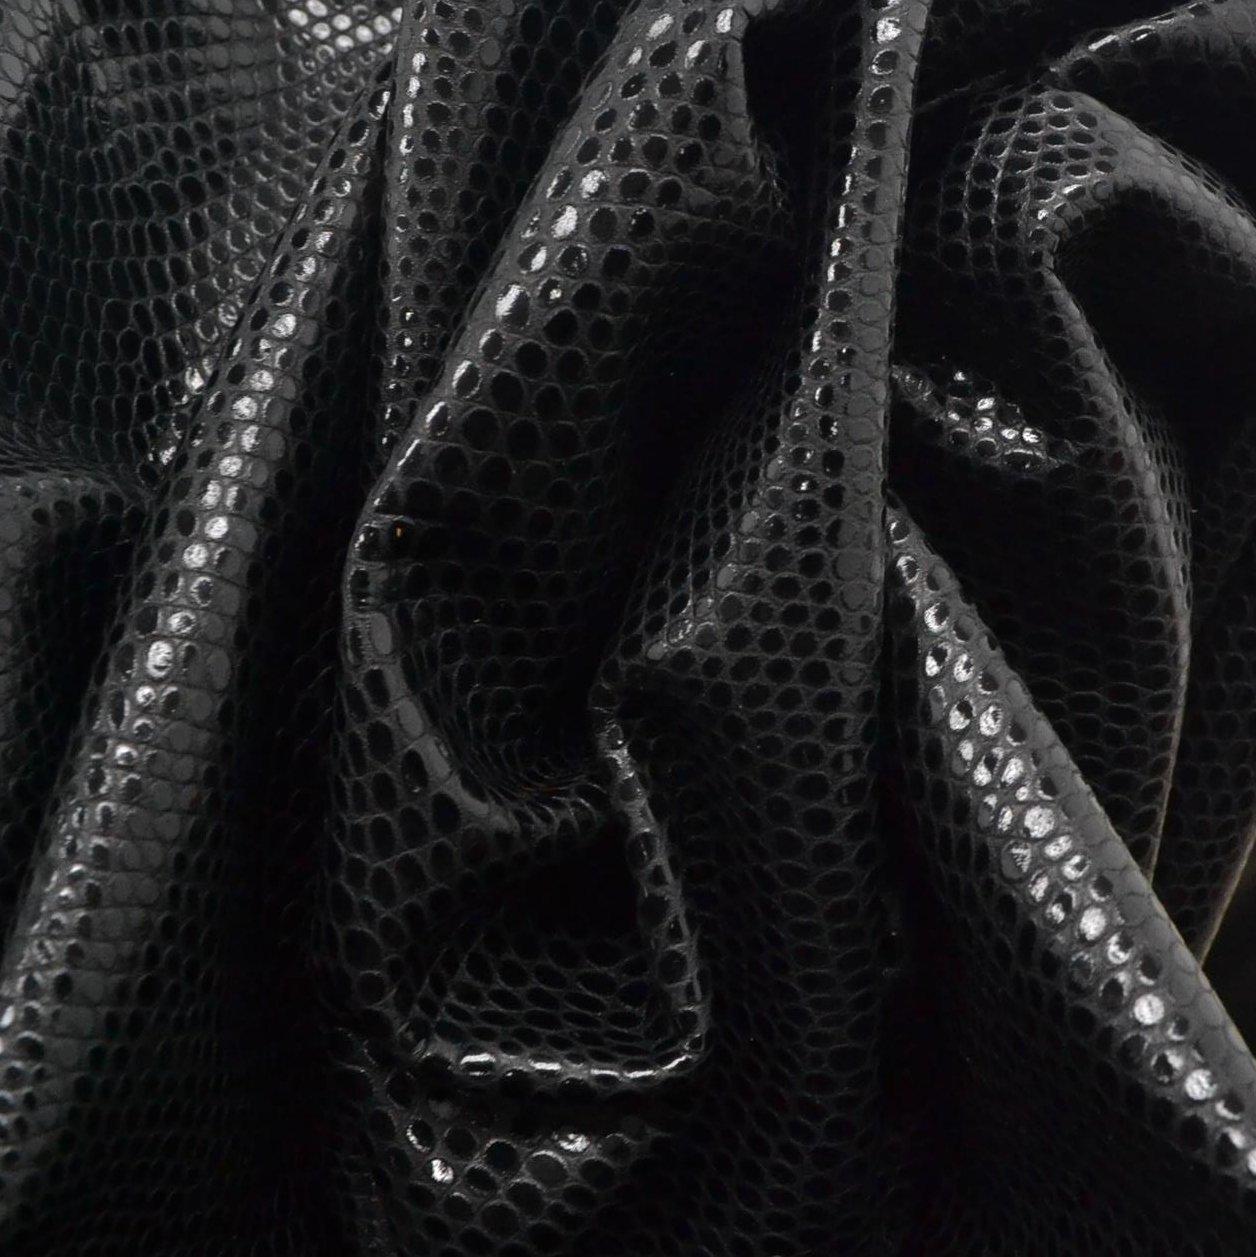 特許EdgyブラックReptile Embossed 2ozレザーファッションCow Hide 16 Square foot-3 B07CZ2YS8S